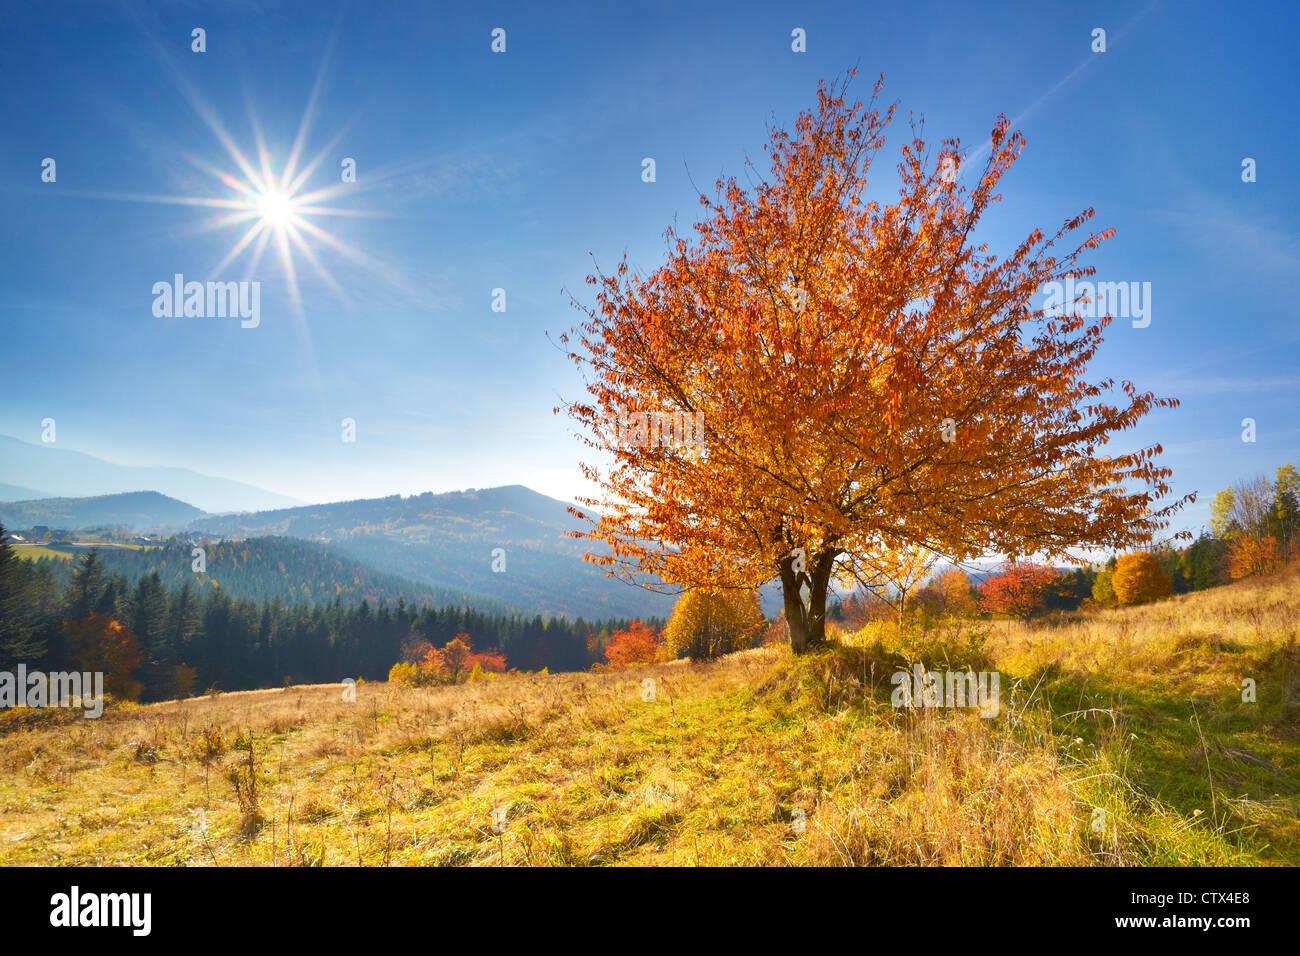 Autumn scene in Beskid Mountains, Poland - Stock Image